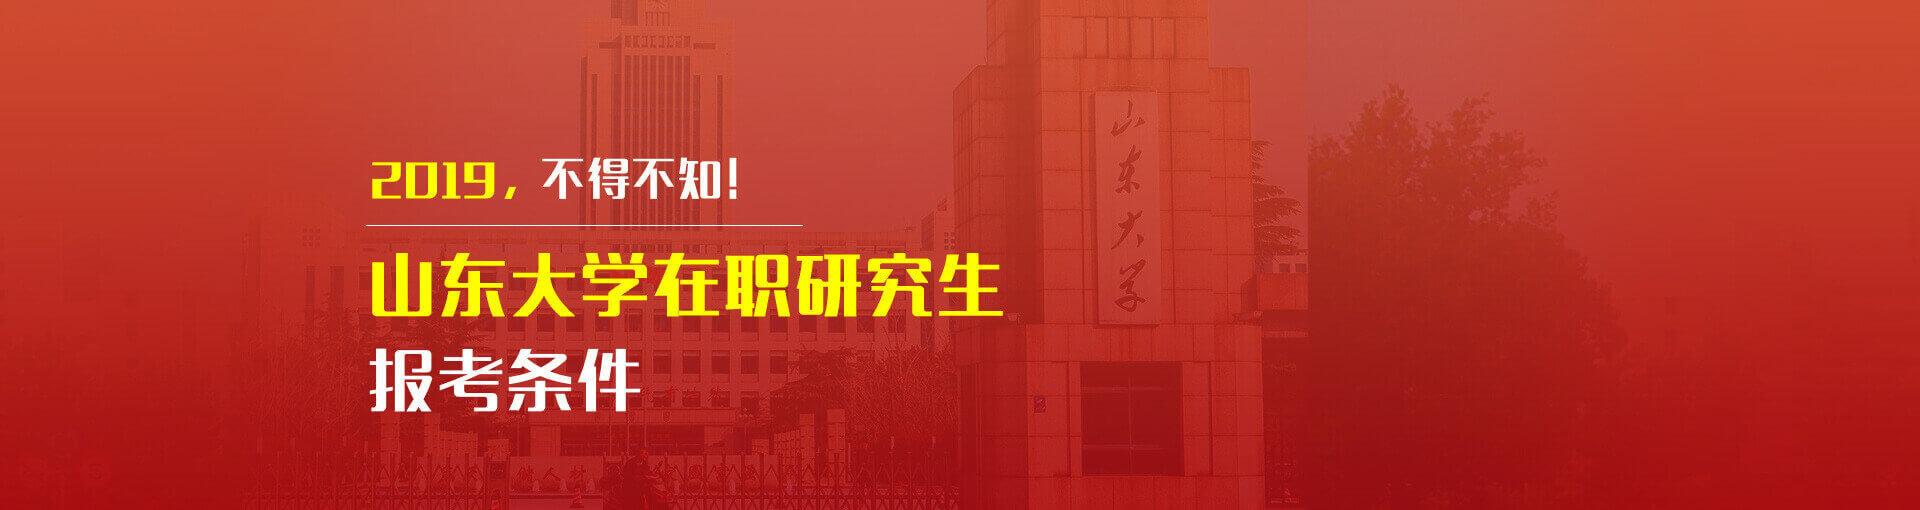 2019年山东大学在职研究生报考条件全面解读!